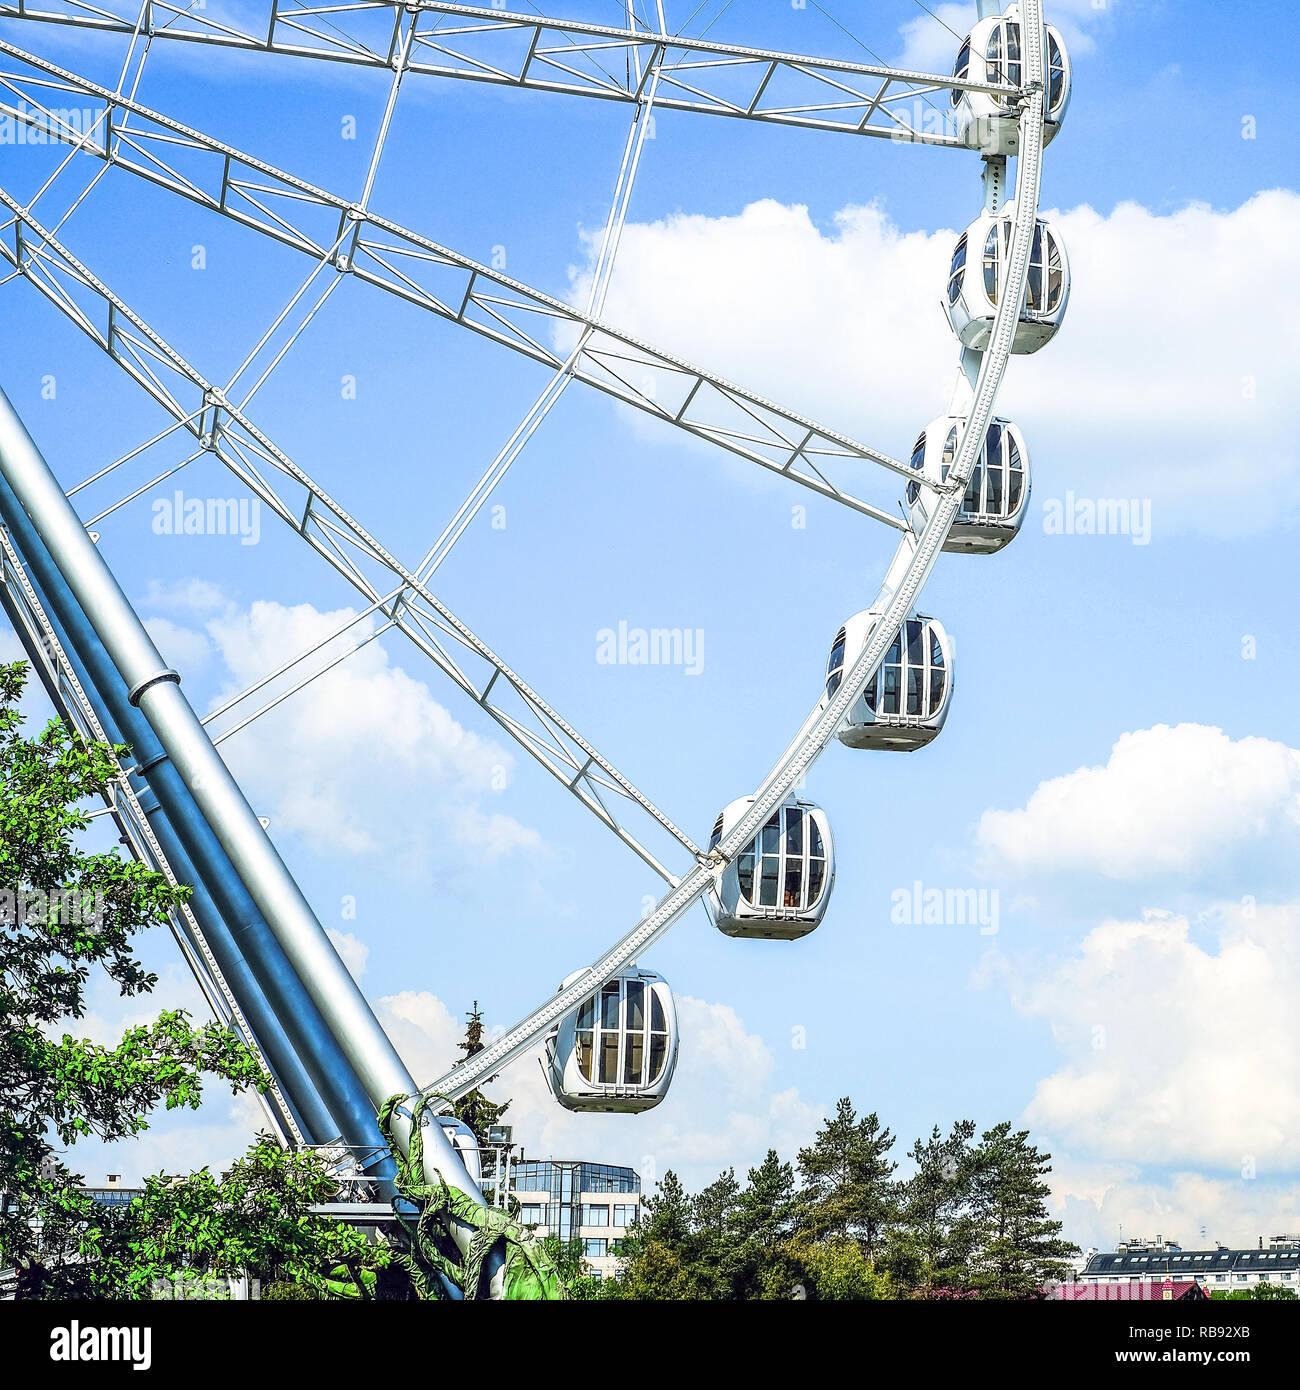 Amusement park. Ferris wheel. Cabs on a blue sky background. Landscape - Stock Image